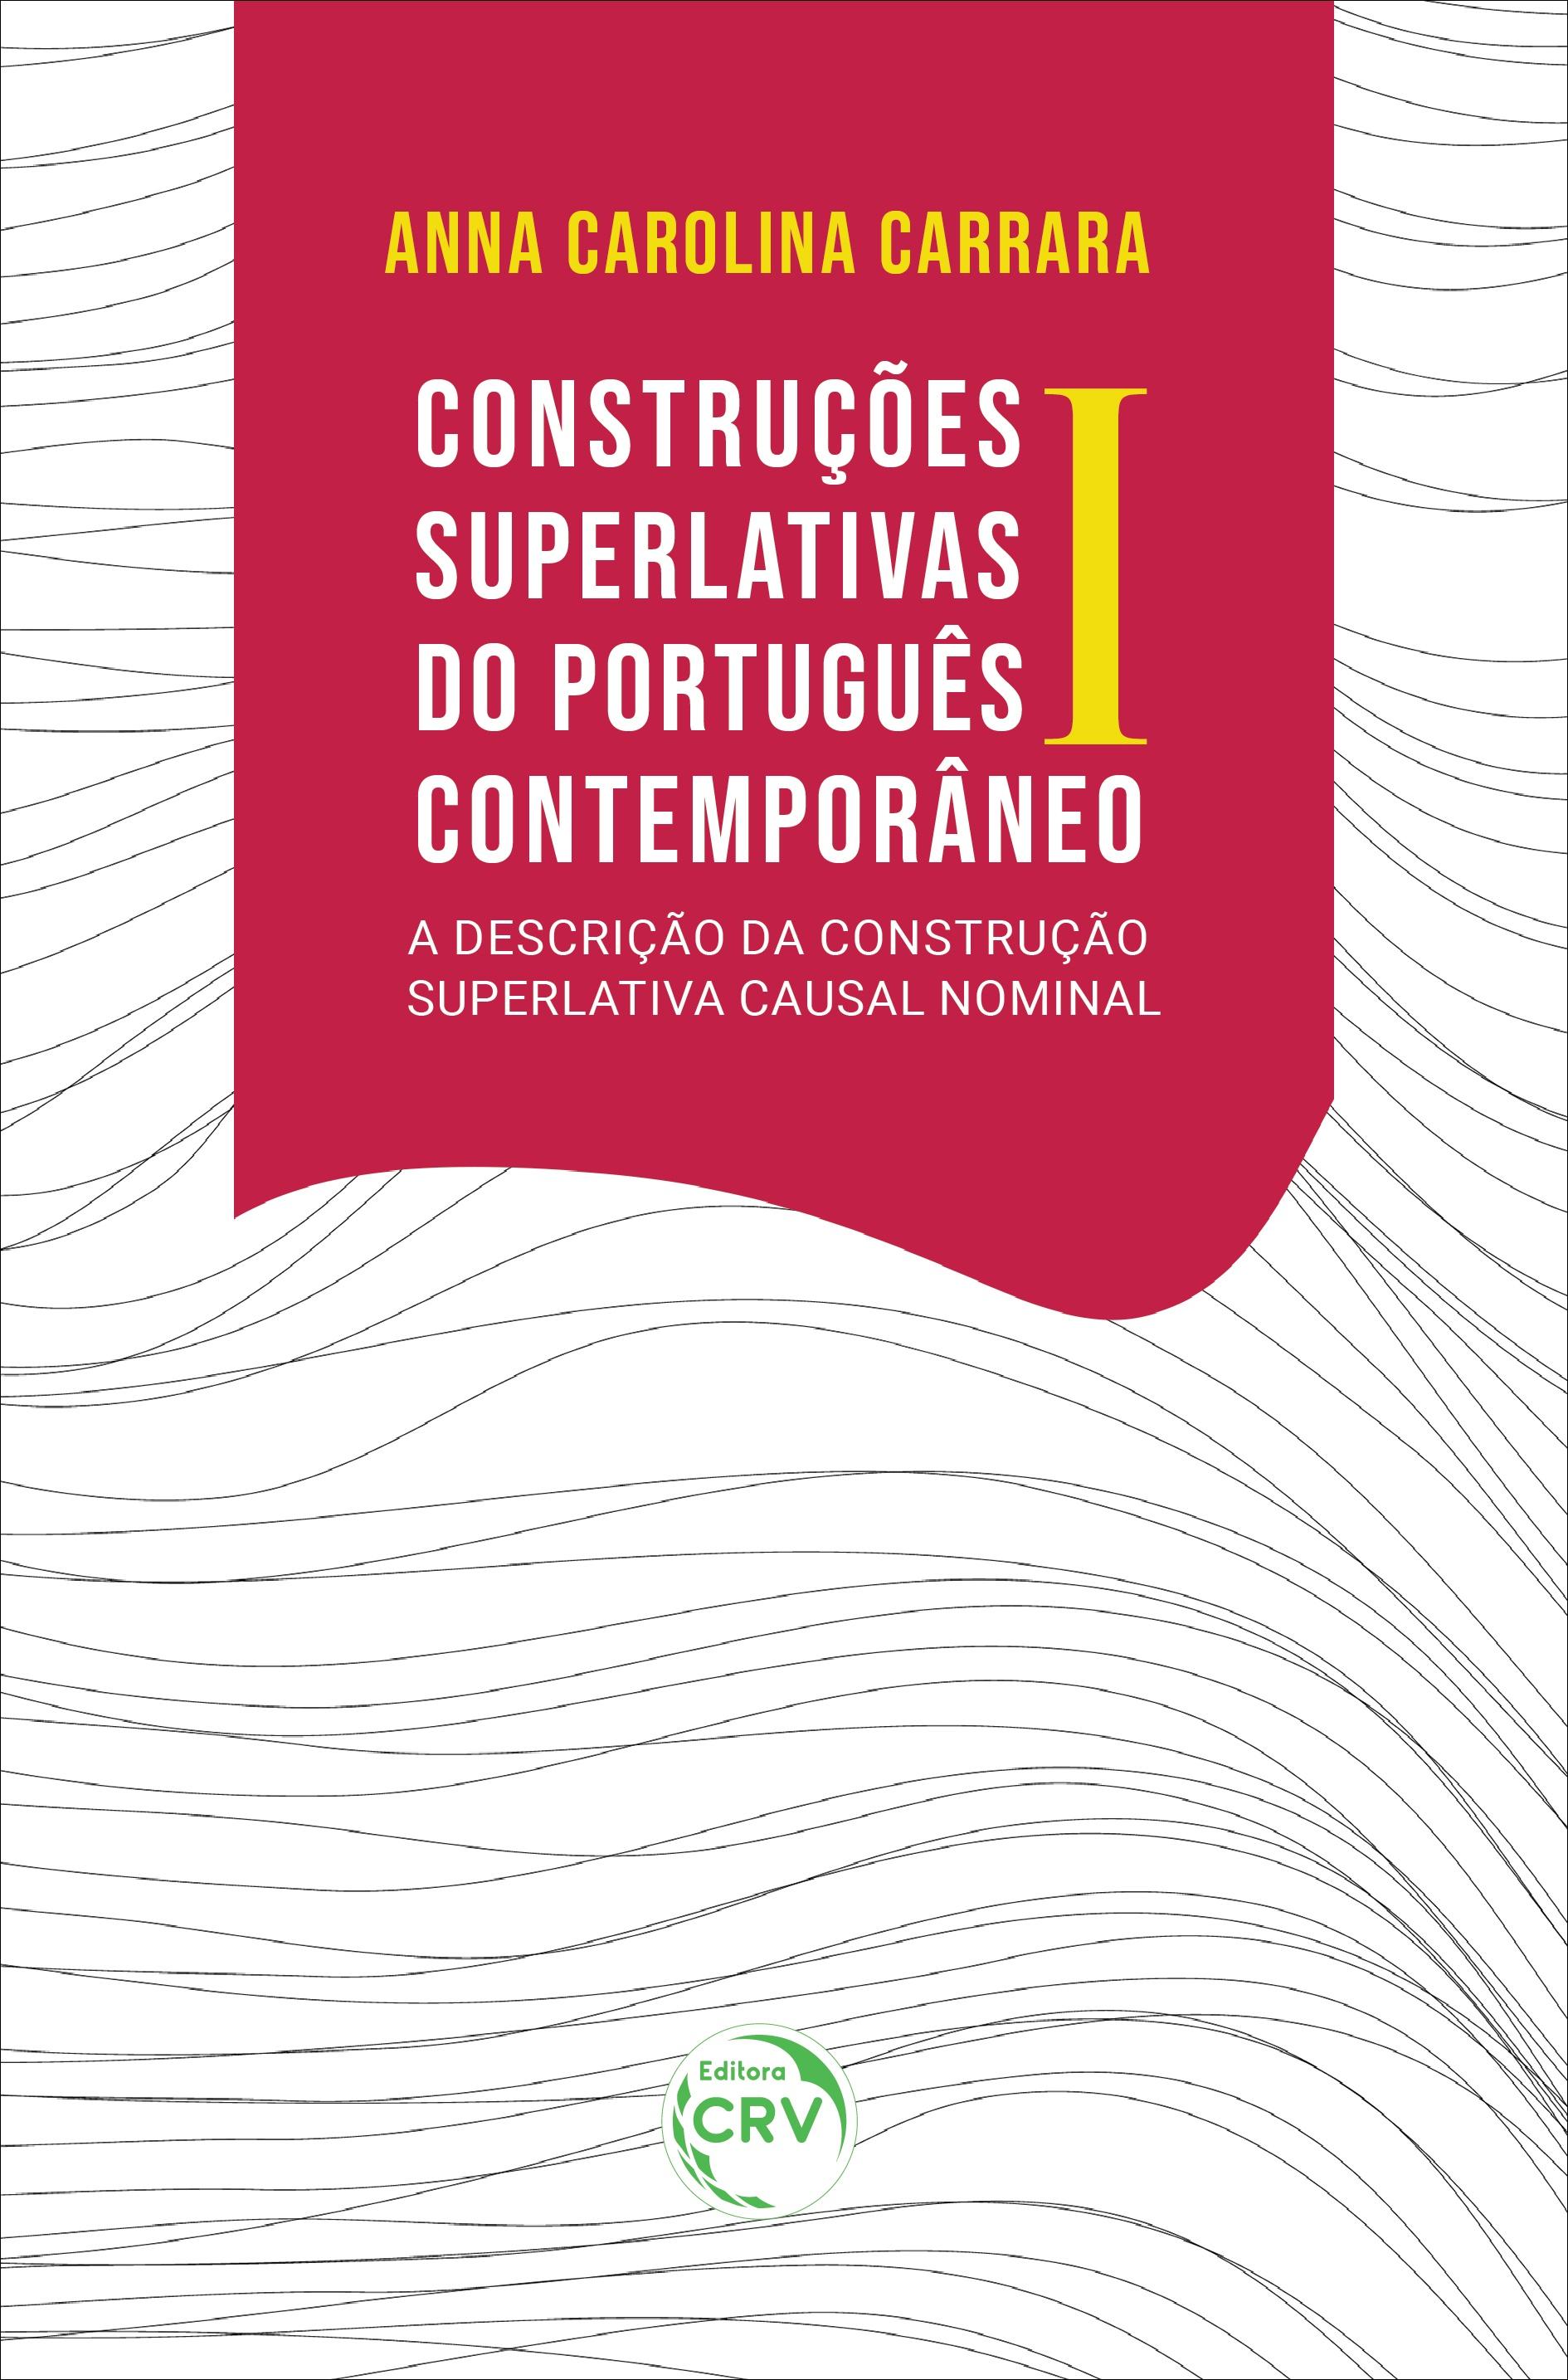 Capa do livro: CONSTRUÇÕES SUPERLATIVAS DO PORTUGUÊS CONTEMPORÂNEO I:<br> a descrição da Construção Superlativa Causal Nominal